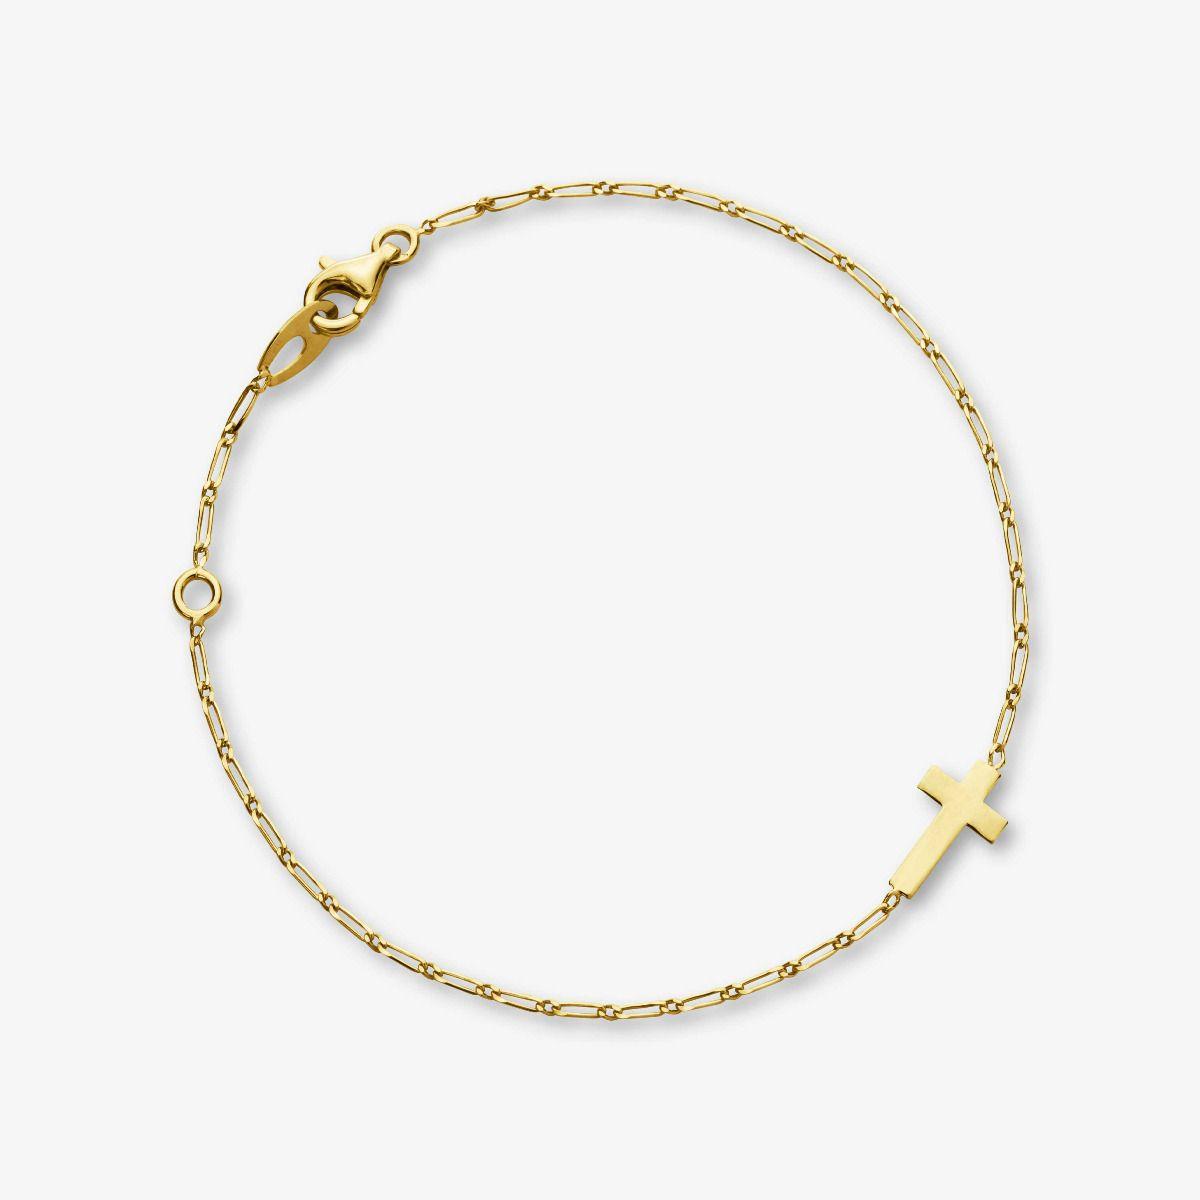 Bracelet Croix en Or Jaune 18 carats - 18 cm